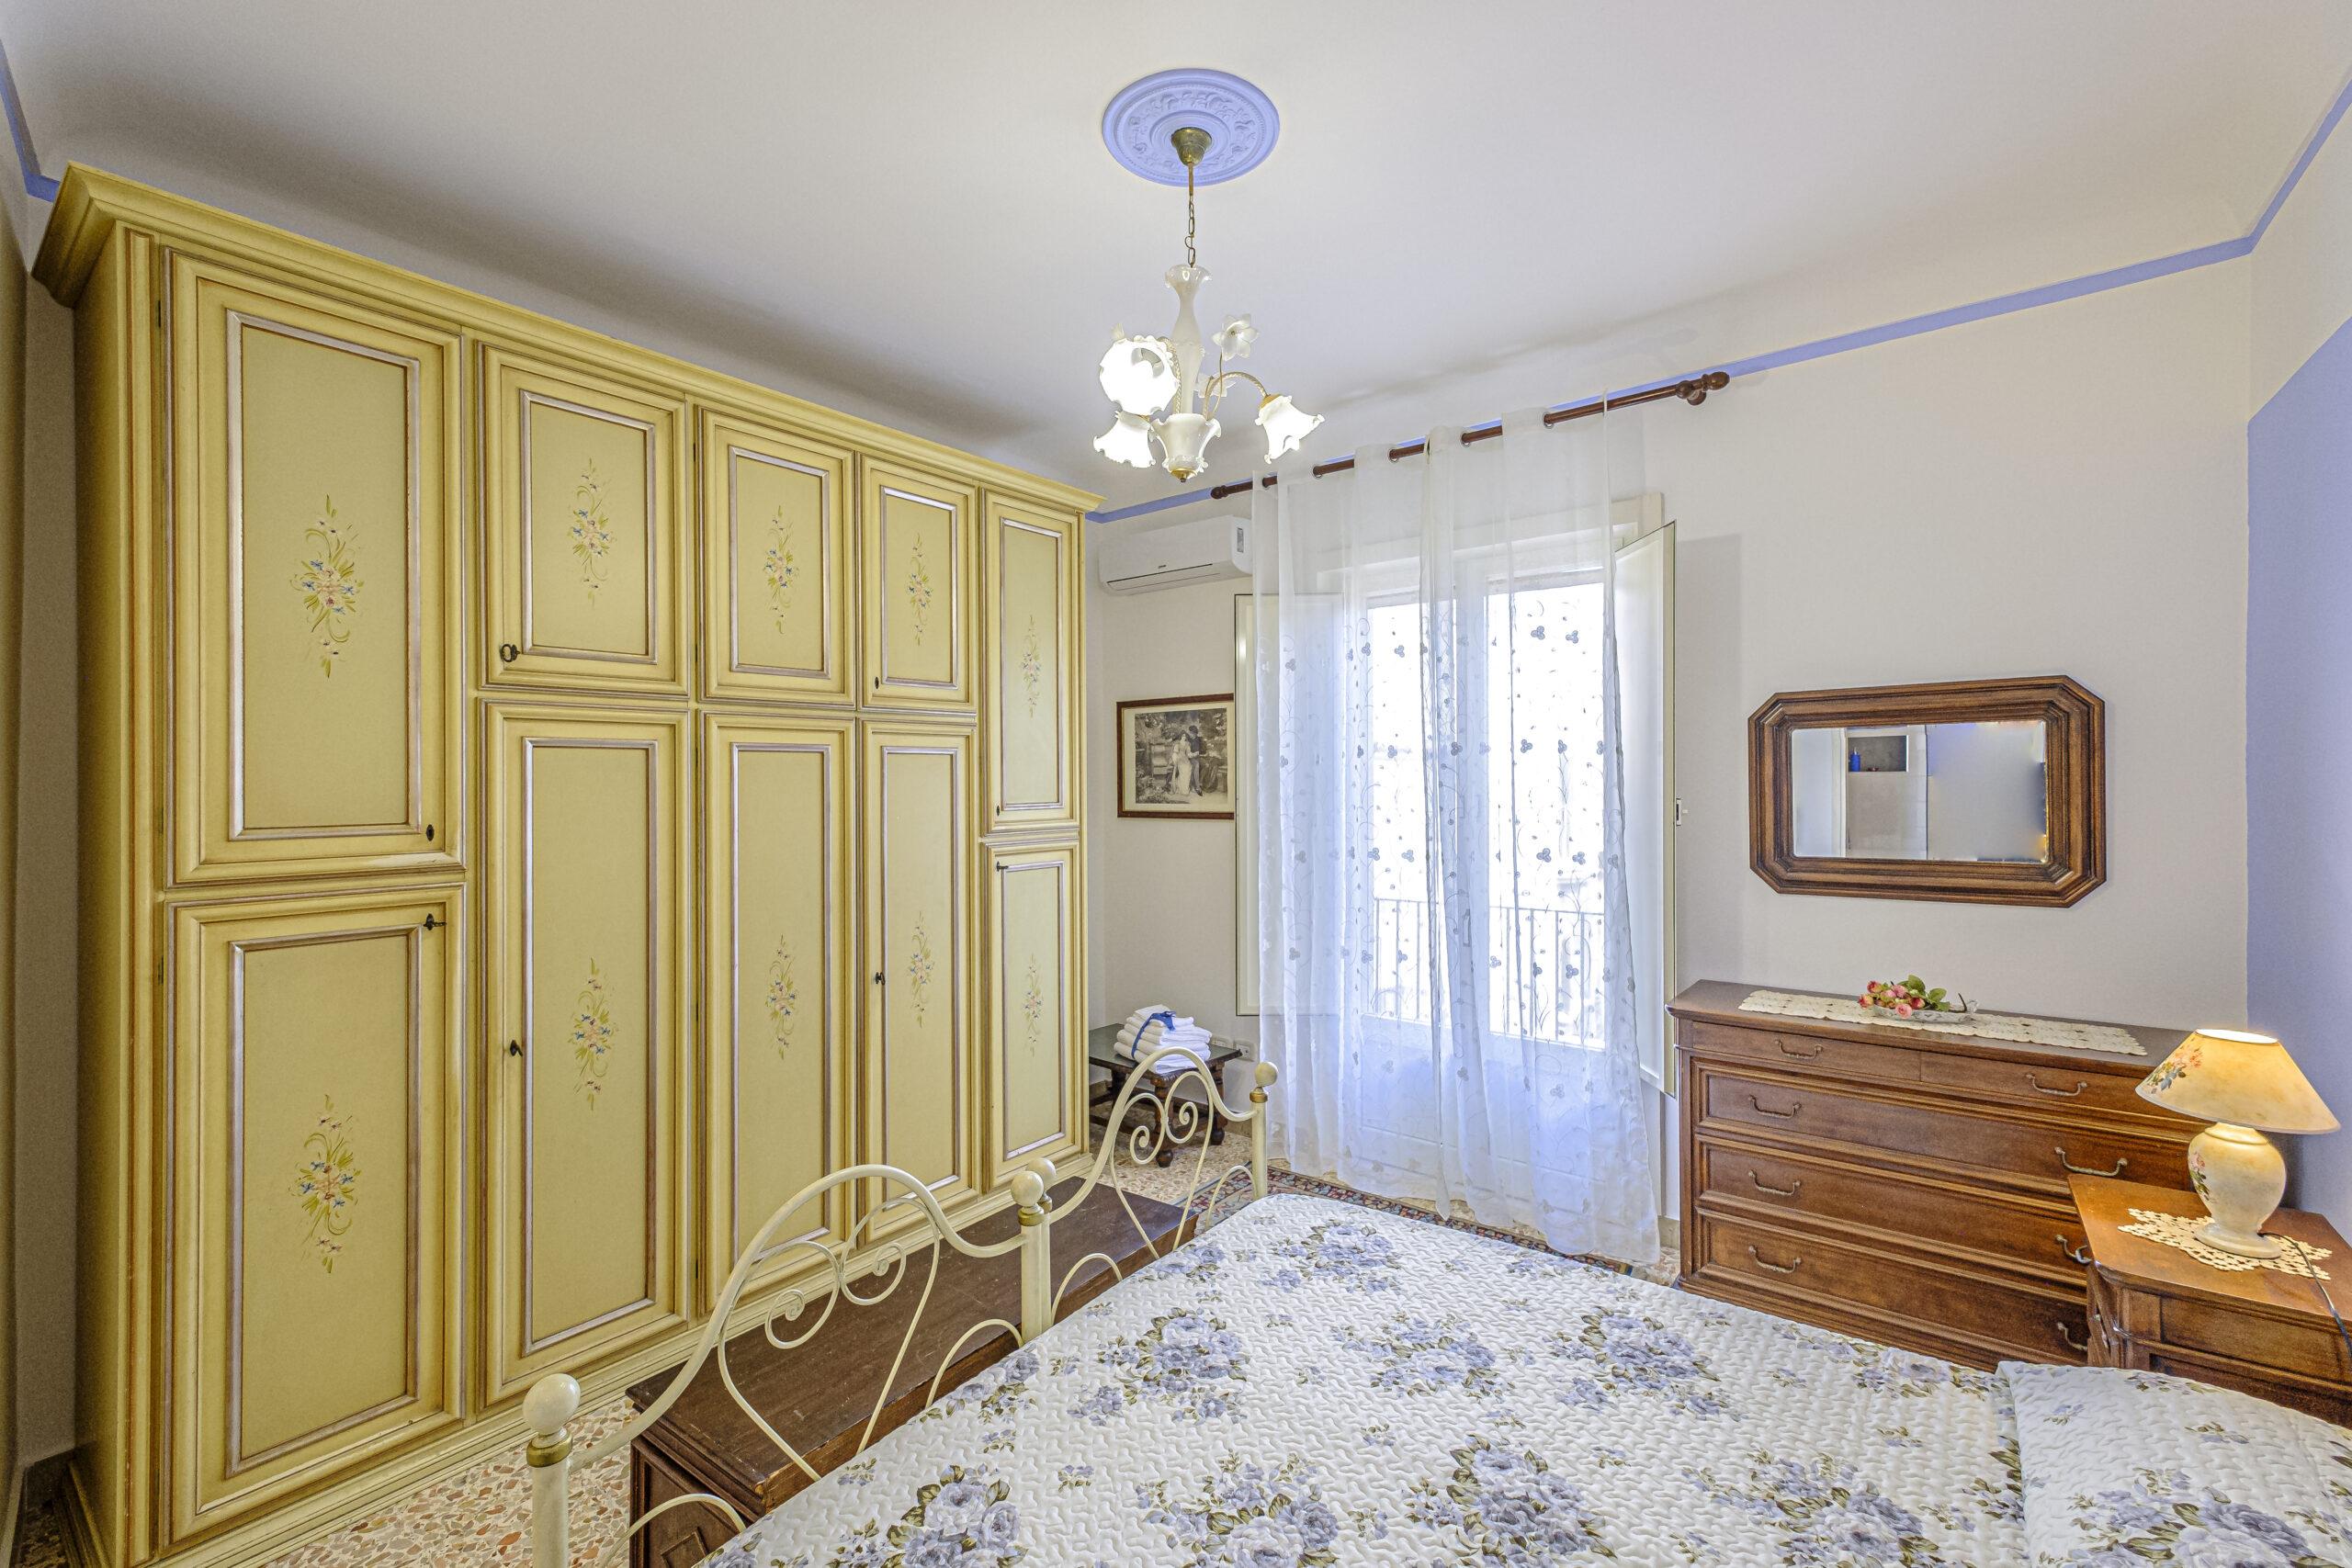 2 Calliope room